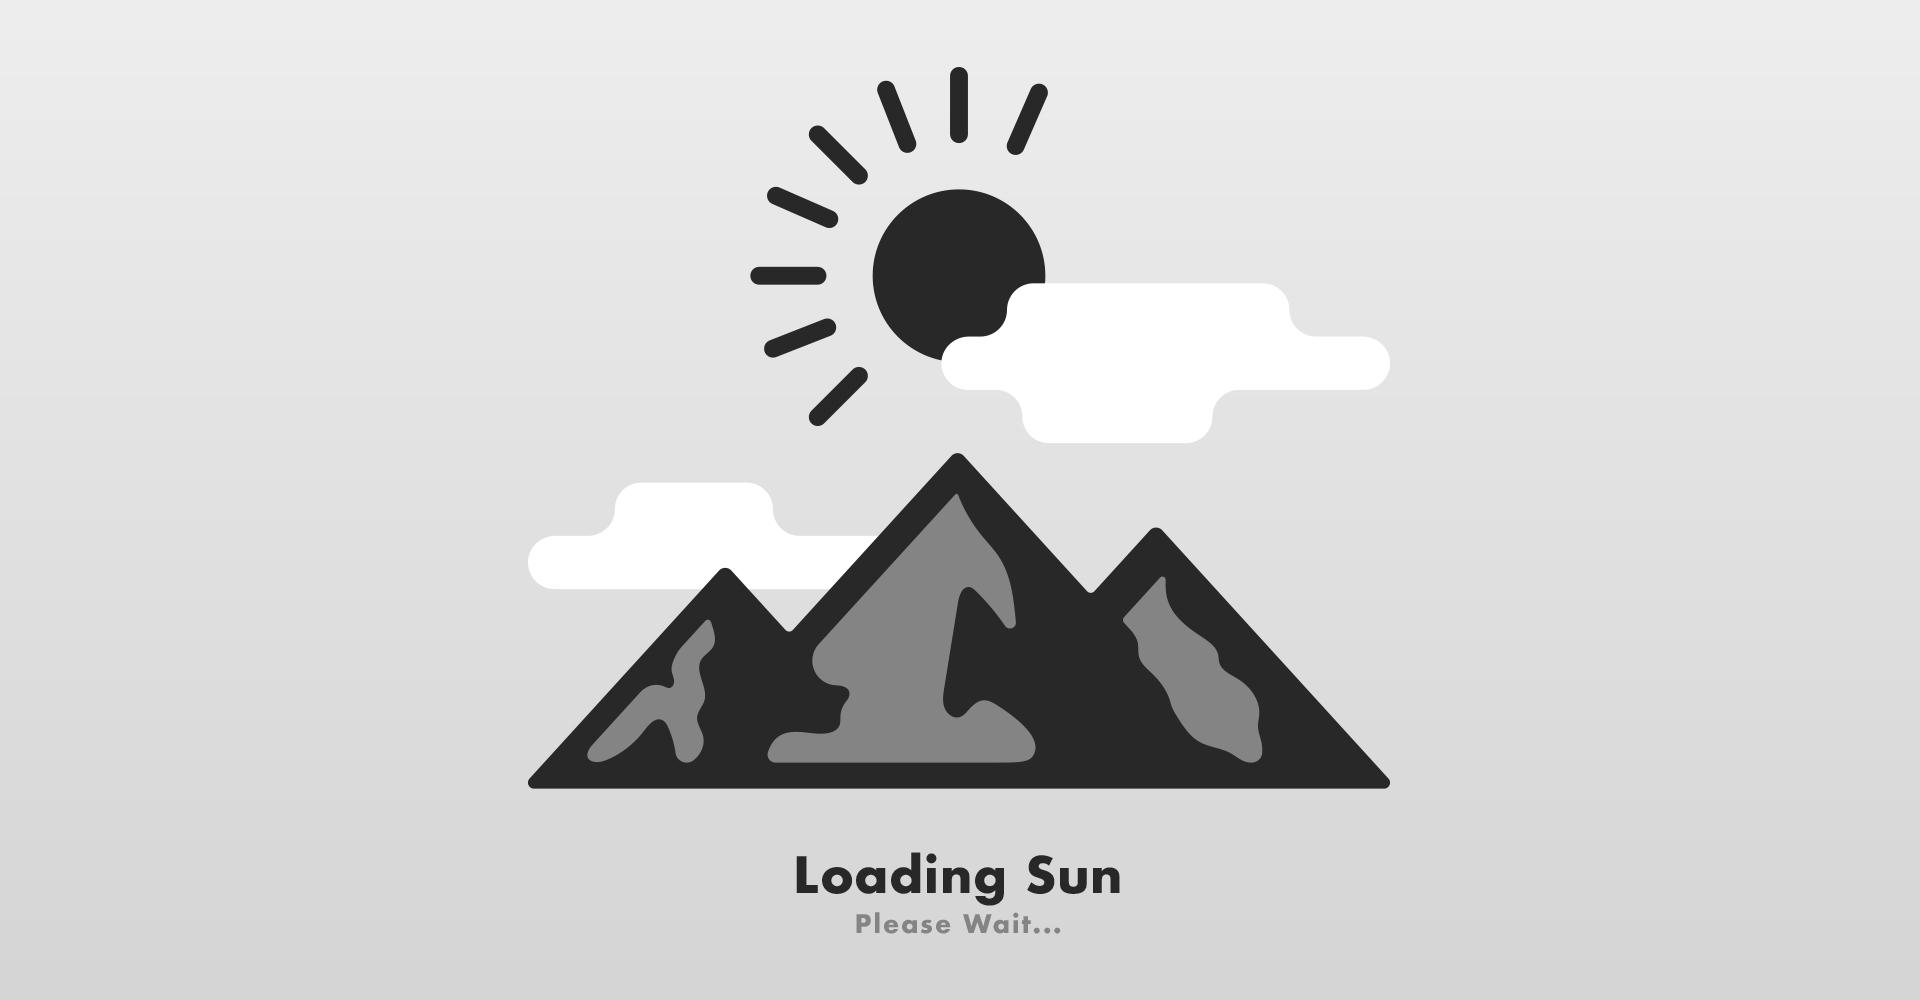 loadingsun.jpg